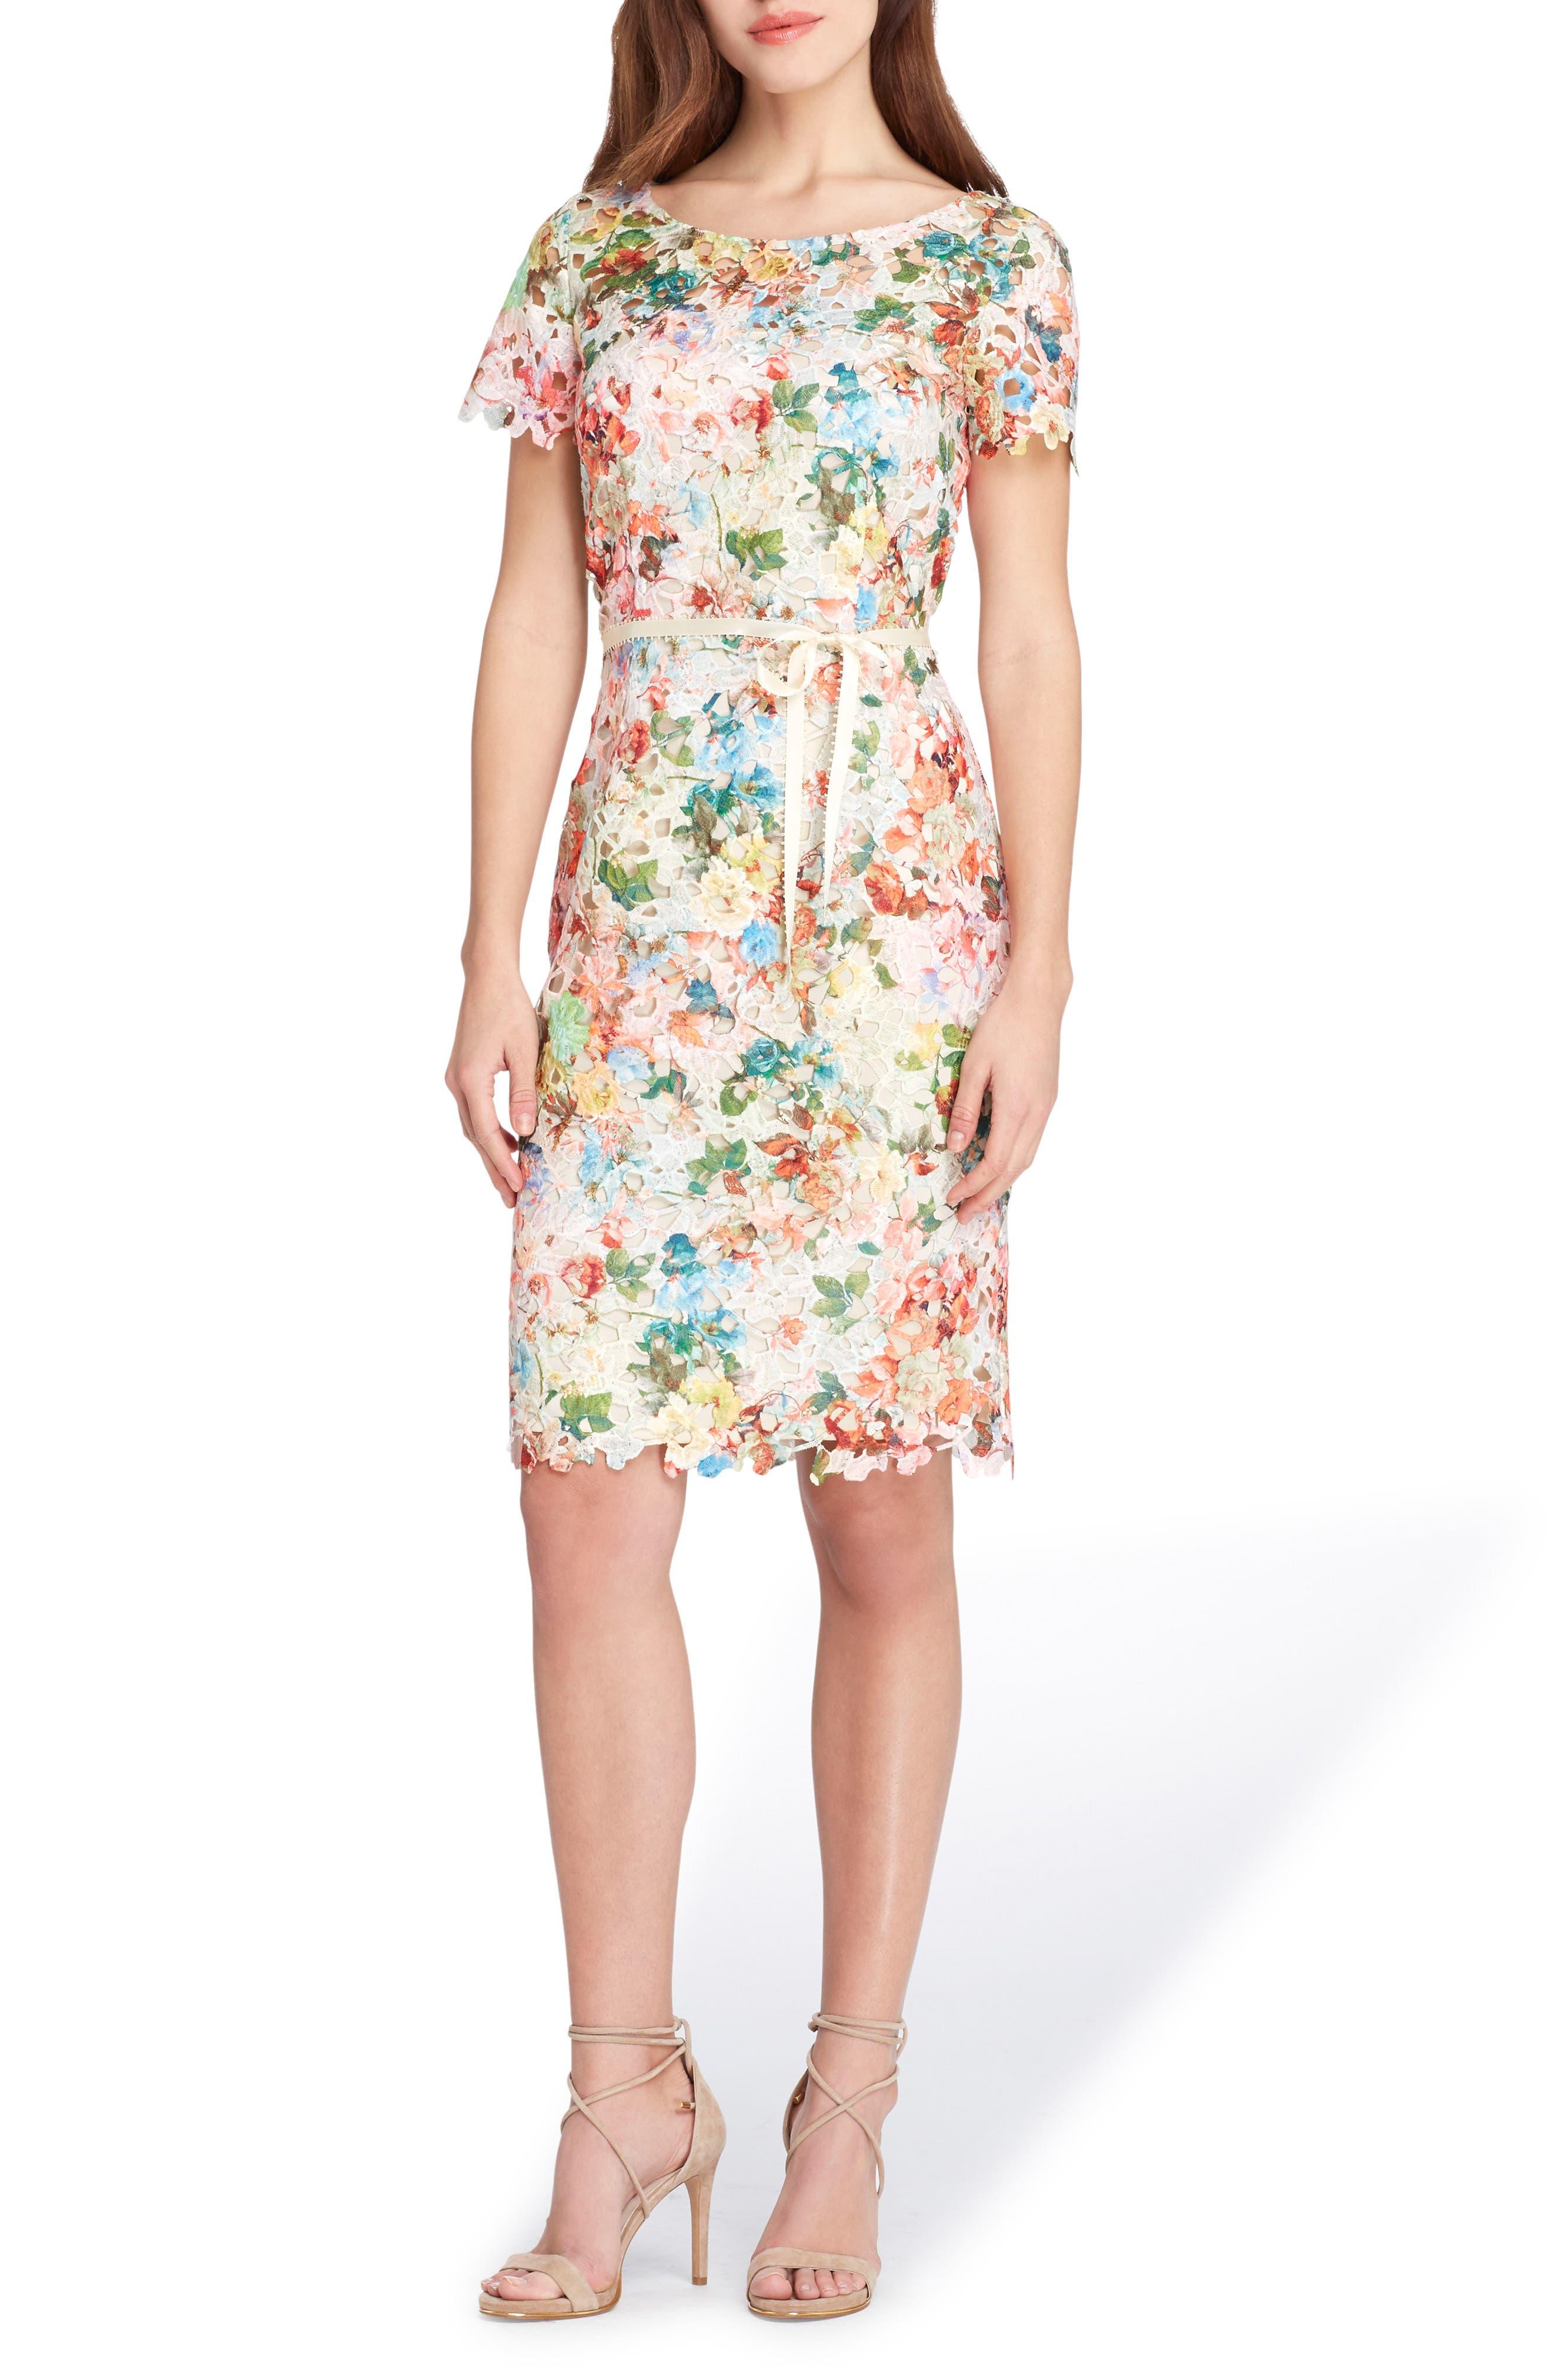 TAHARI Print Lace Sheath Dress, Main, color, 800